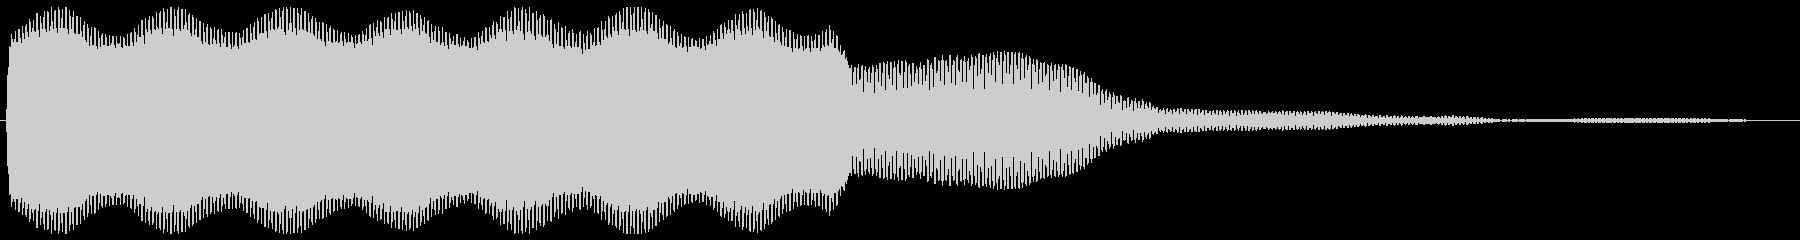 小刻みに震える音が長く続いている効果音の未再生の波形